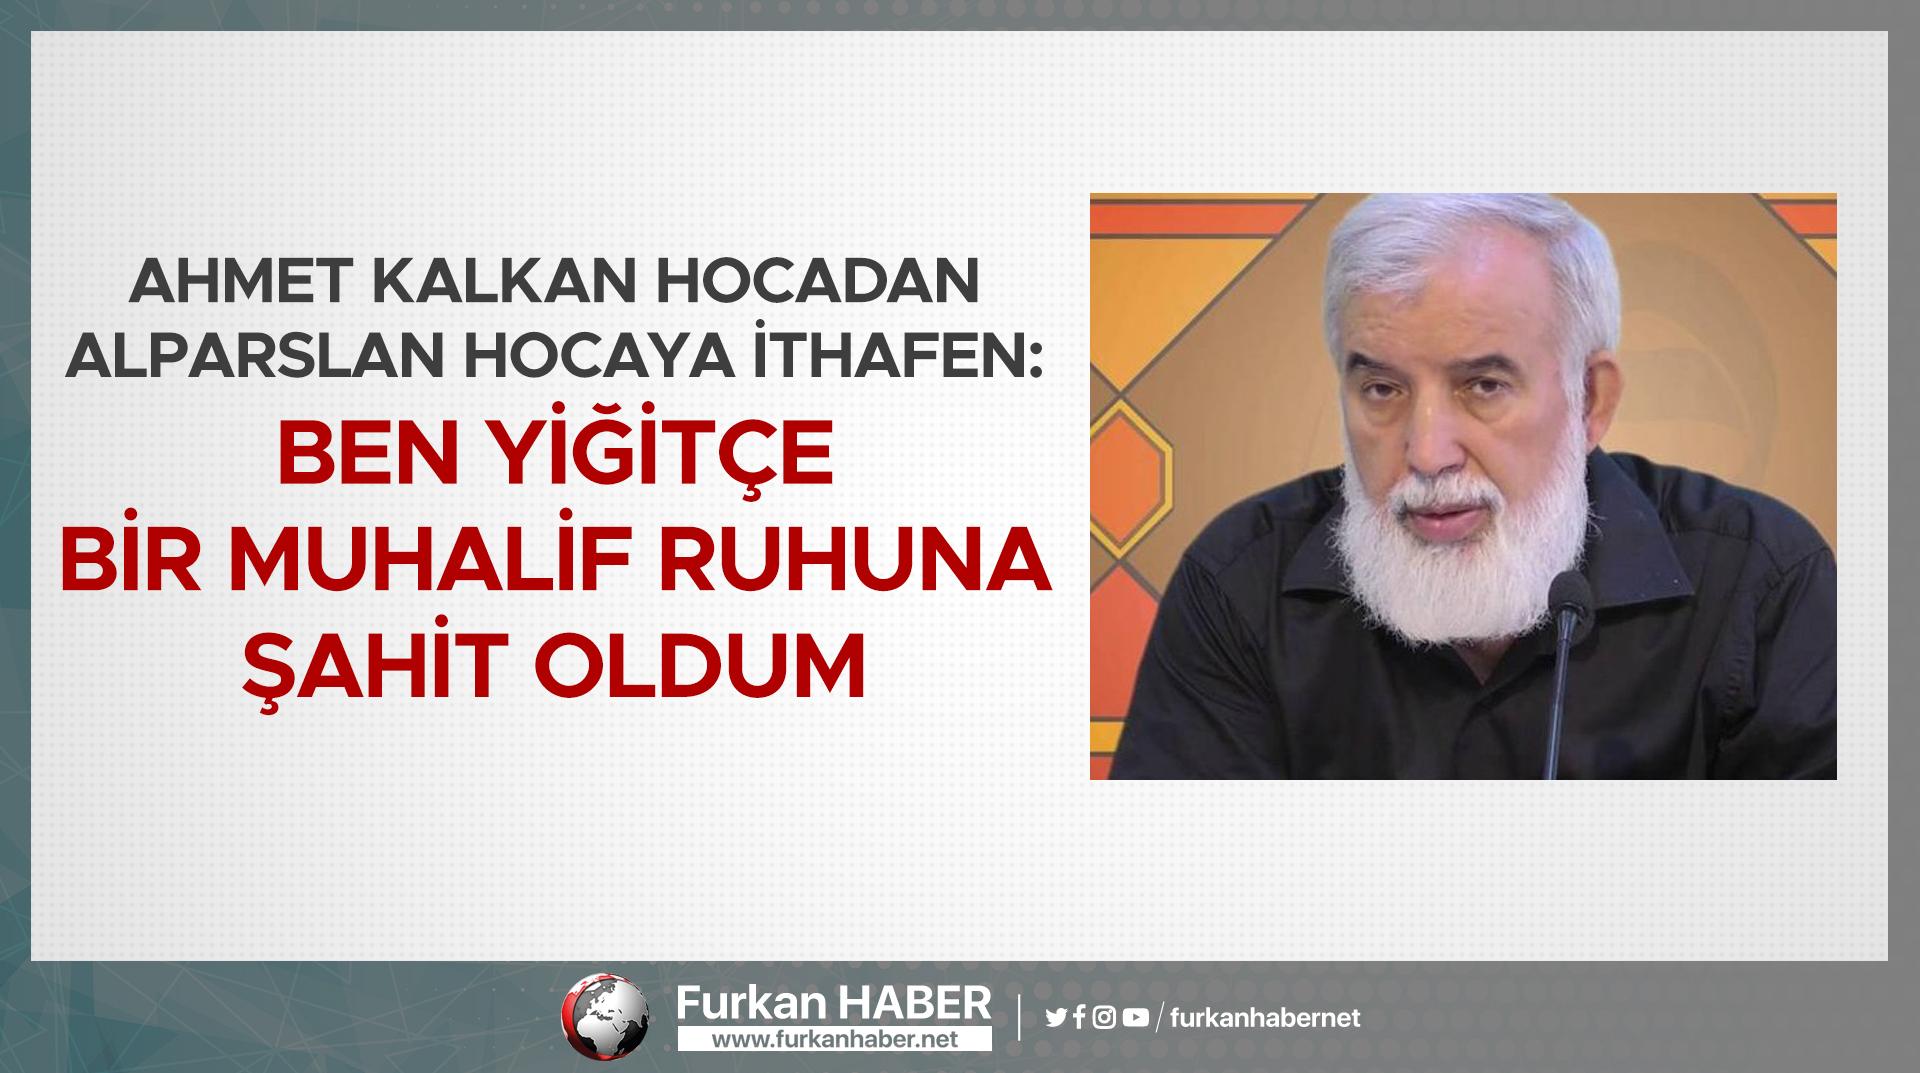 Ahmet Kalkan Hocadan Alparslan Hocaya ithafen: Ben yiğitçe bir muhalif ruhuna şahit oldum